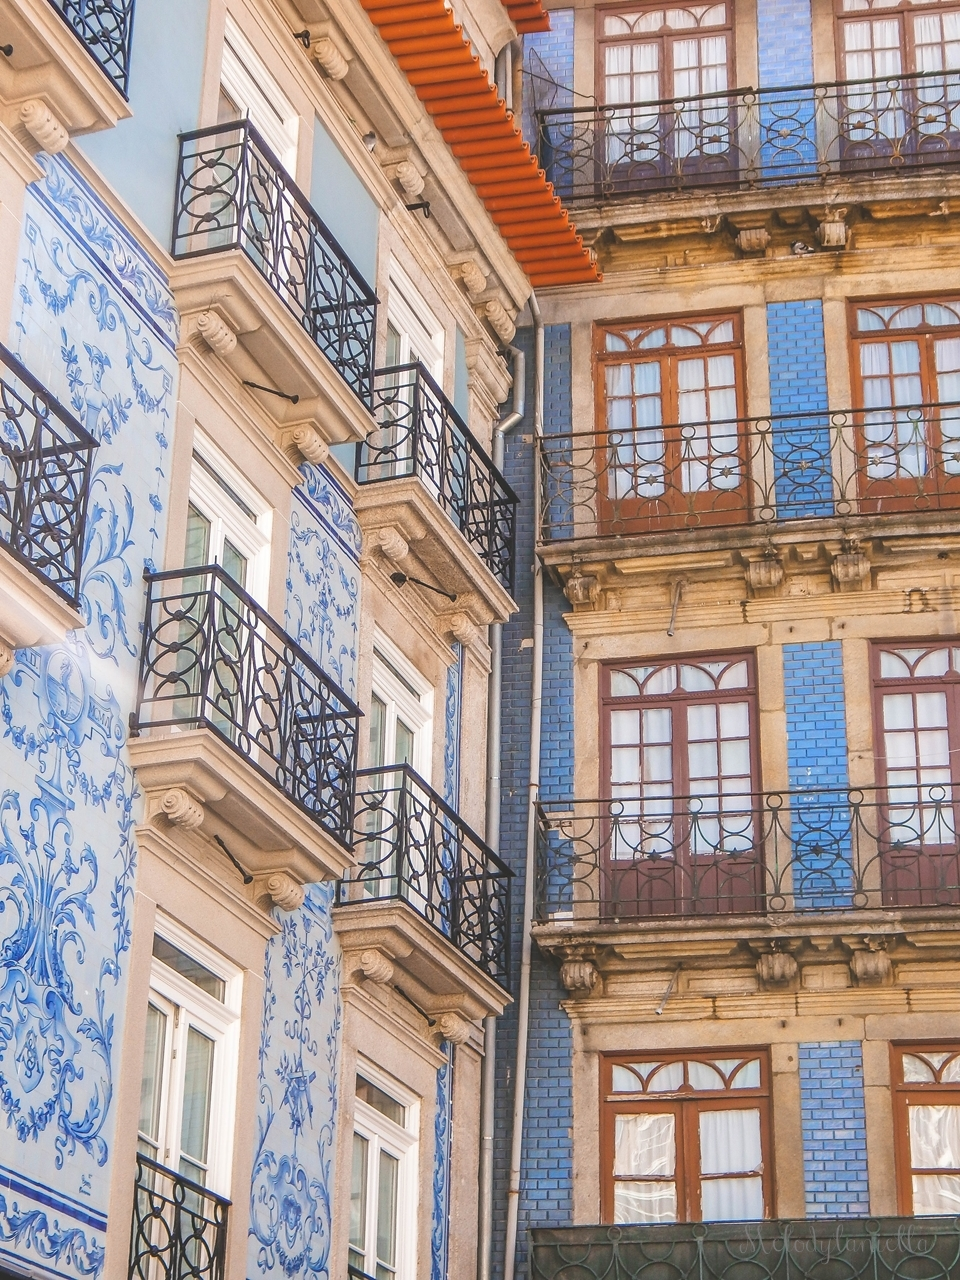 15 uliczki4-2  co zobaczyć w Porto w portugalii ciekawe miejsca musisz zobaczyć top miejsc w porto zabytki piękne uliczki miejsca godne zobaczenia blog podróżniczy portugalia melodylaniella